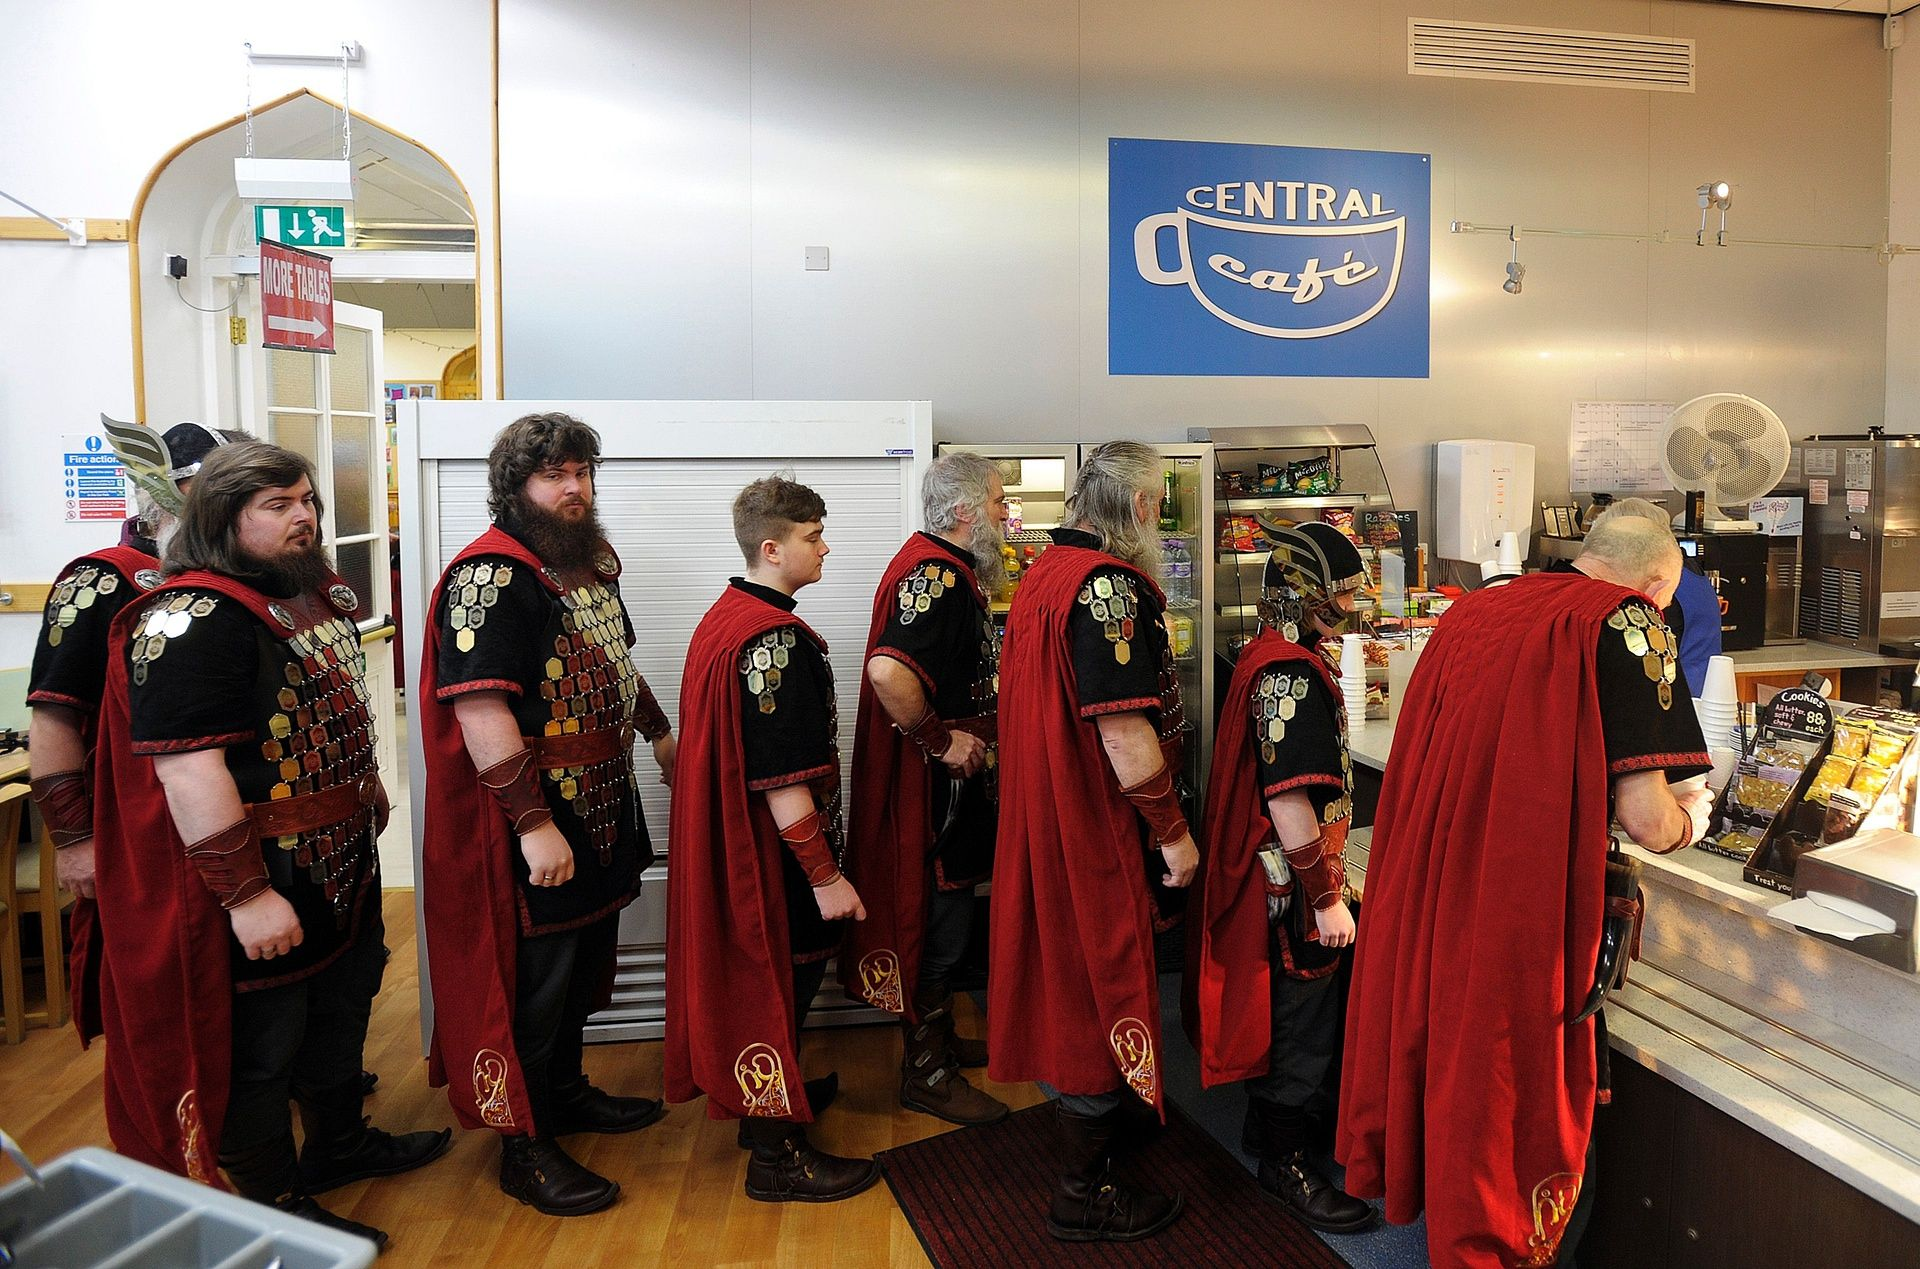 Группа викингов дожидается завтрака в местном кафе перед началом фестиваля.